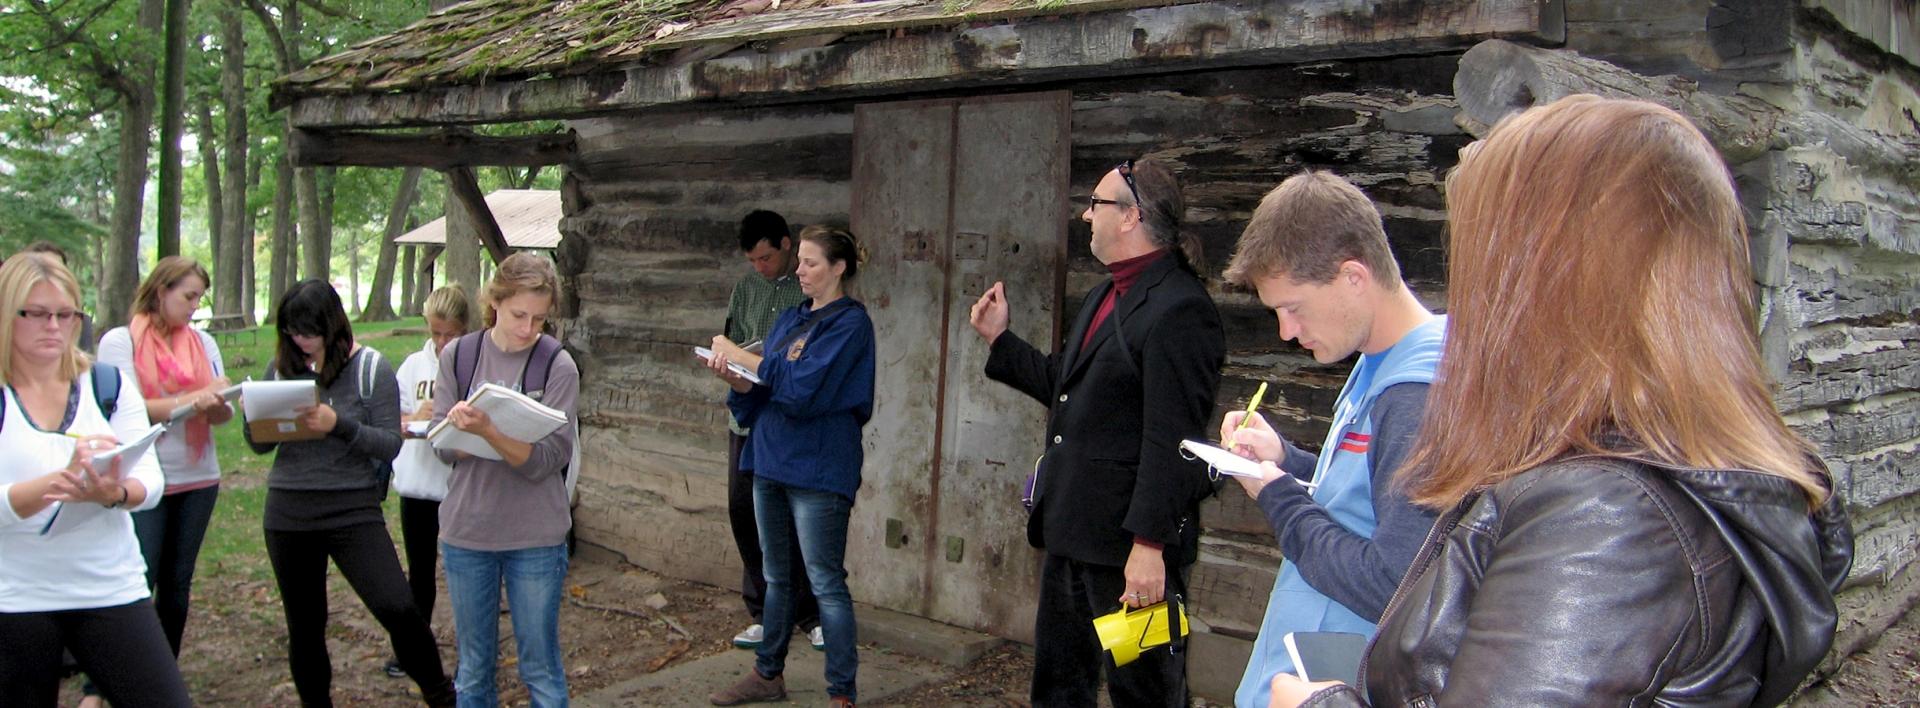 Art students at an iowa log cabin field trip